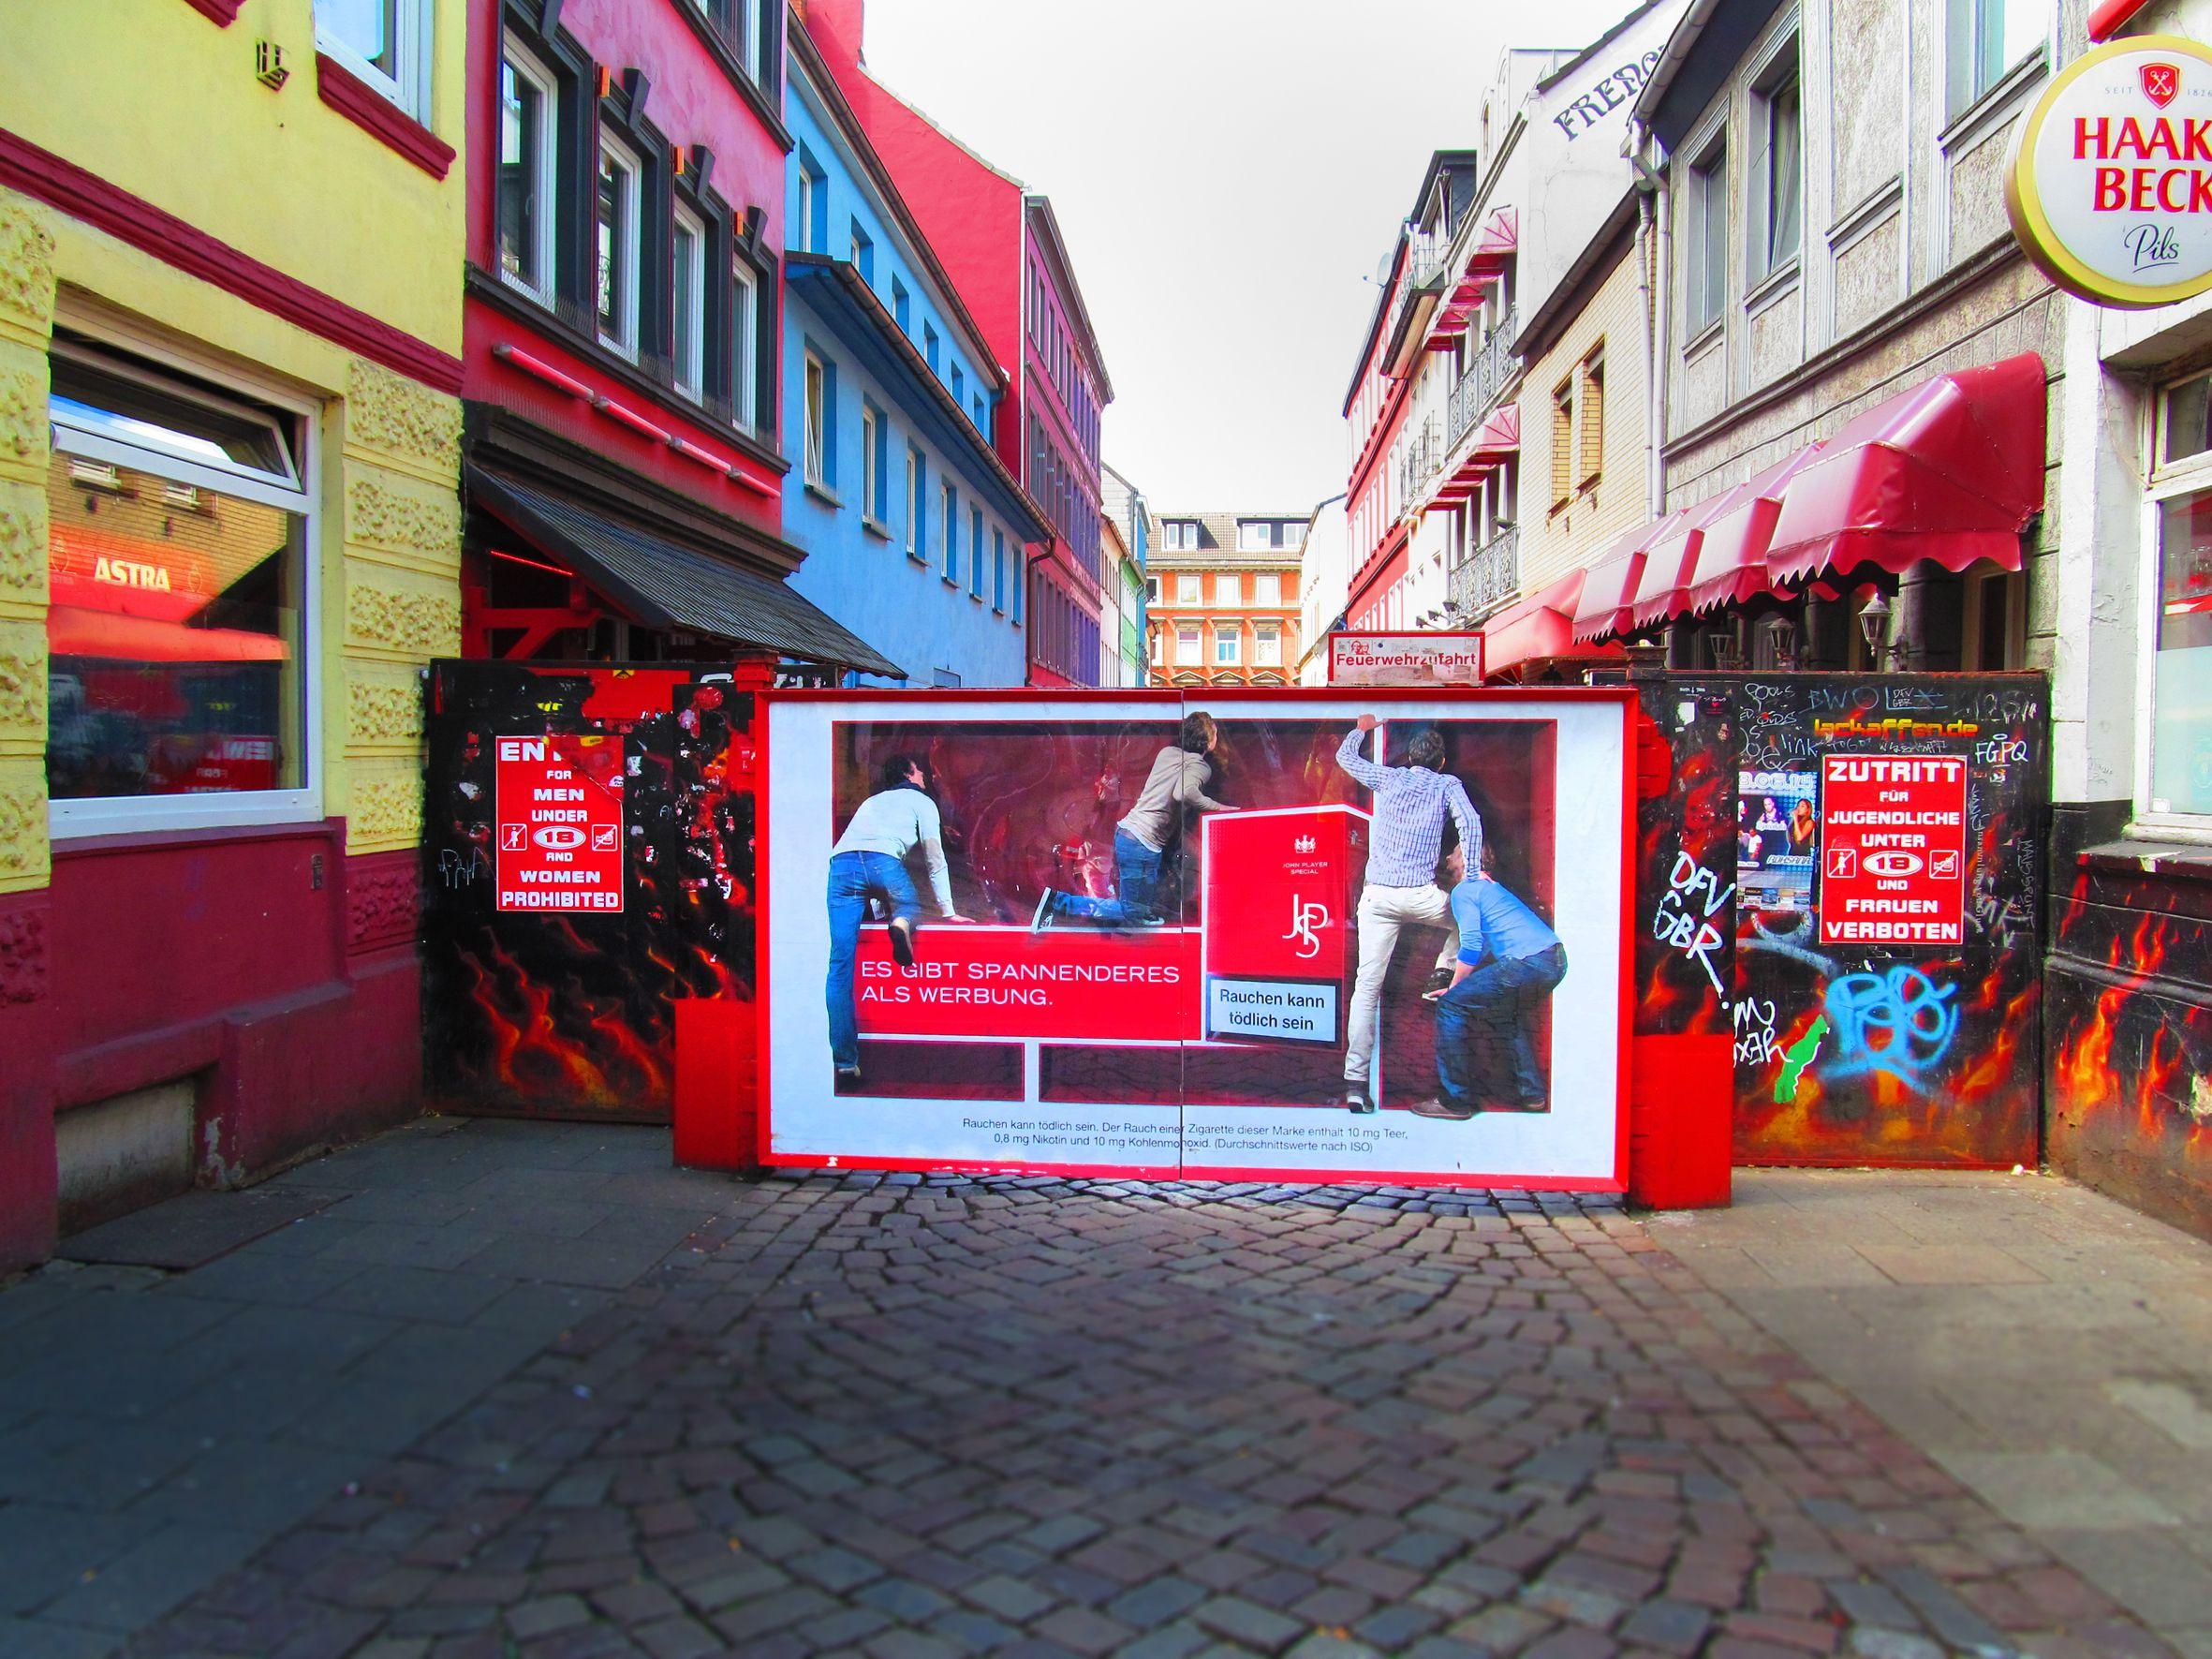 Pin auf Hamburg - Das Tor zur Welt - Hamburgo - แฮมเบิก